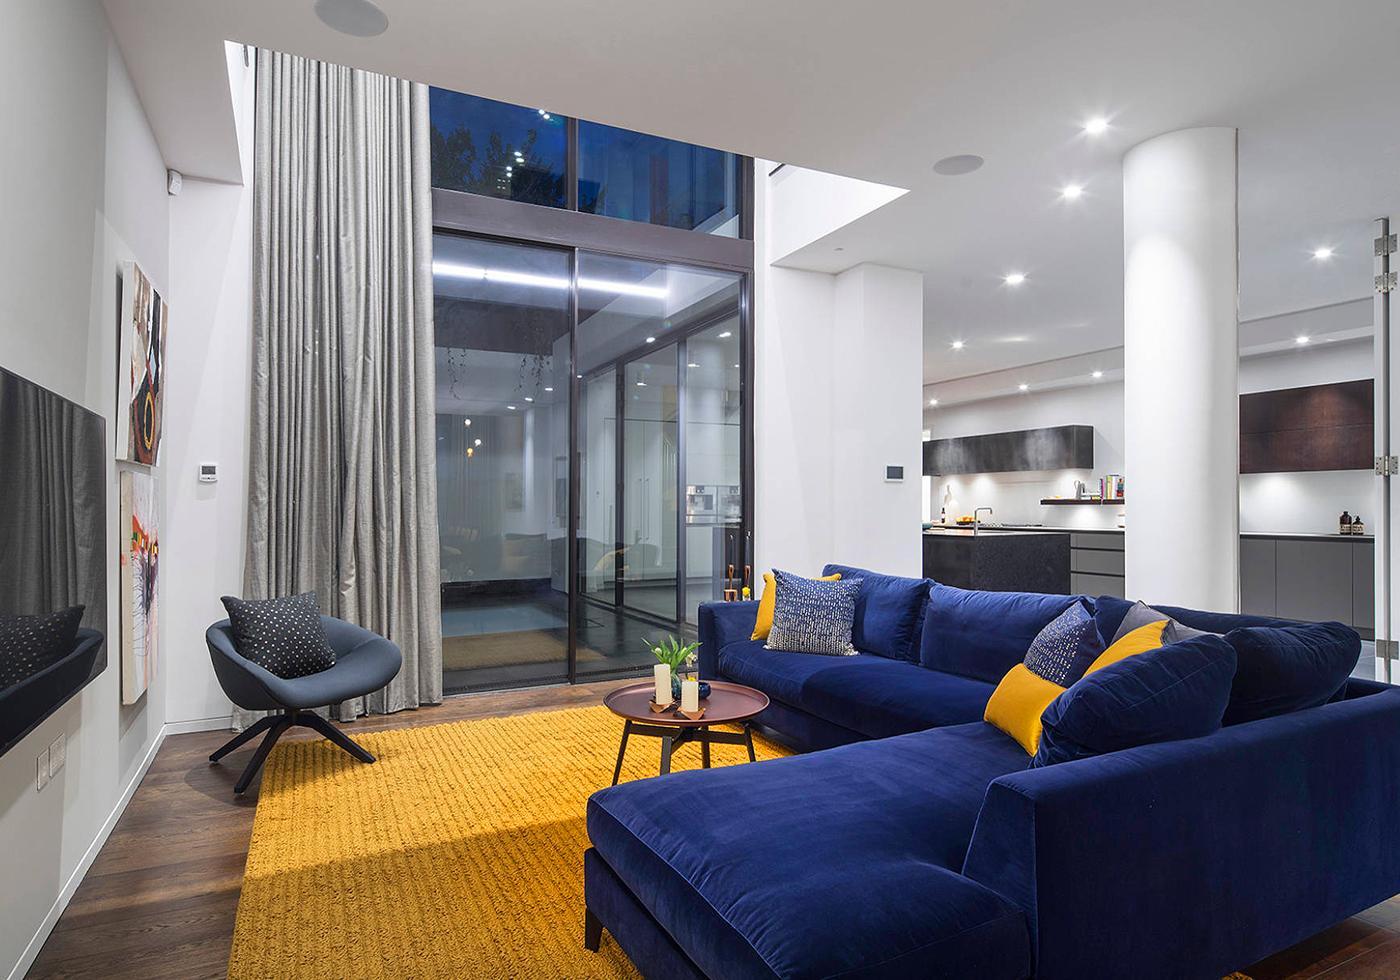 Elegant Navy Blue Modern Style Living Room Decor With Navy Blue Velvet Sectional Sofa Yellow Decor Living Room Blue Sofas Living Room Blue Living Room Decor